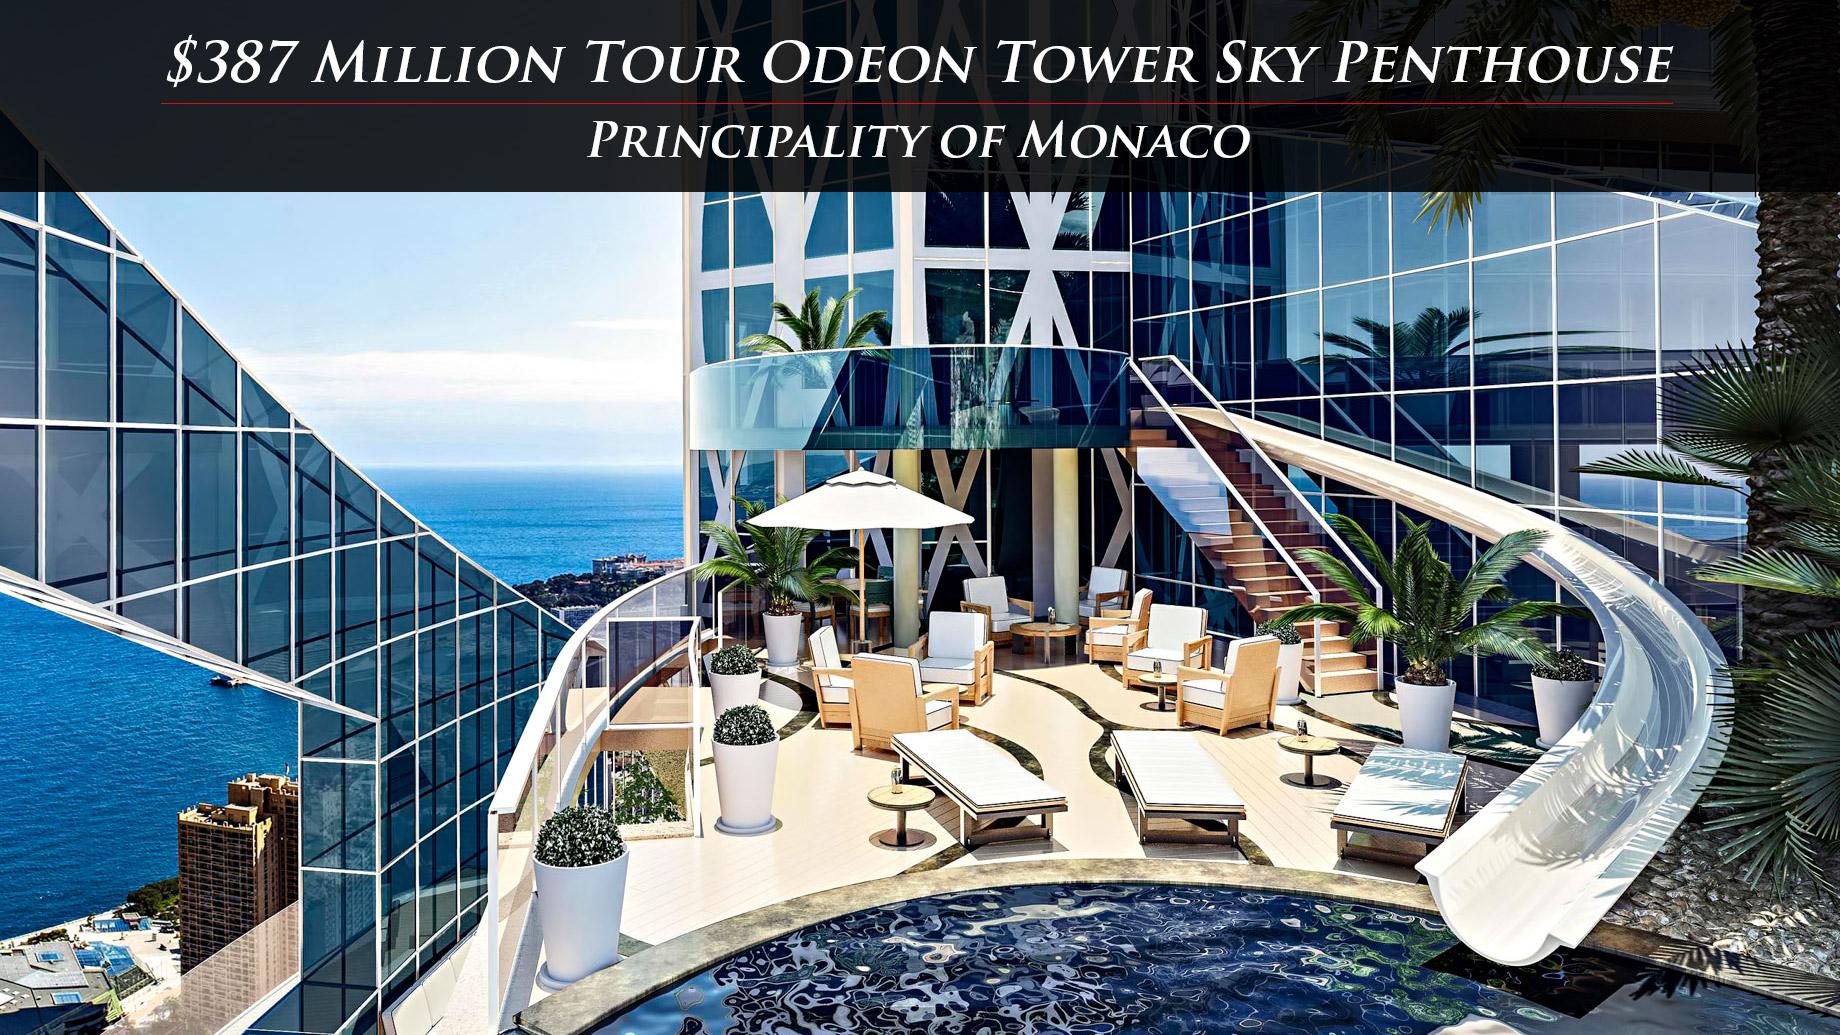 $387 Million Tour Odeon Tower Sky Penthouse – Principality of Monaco